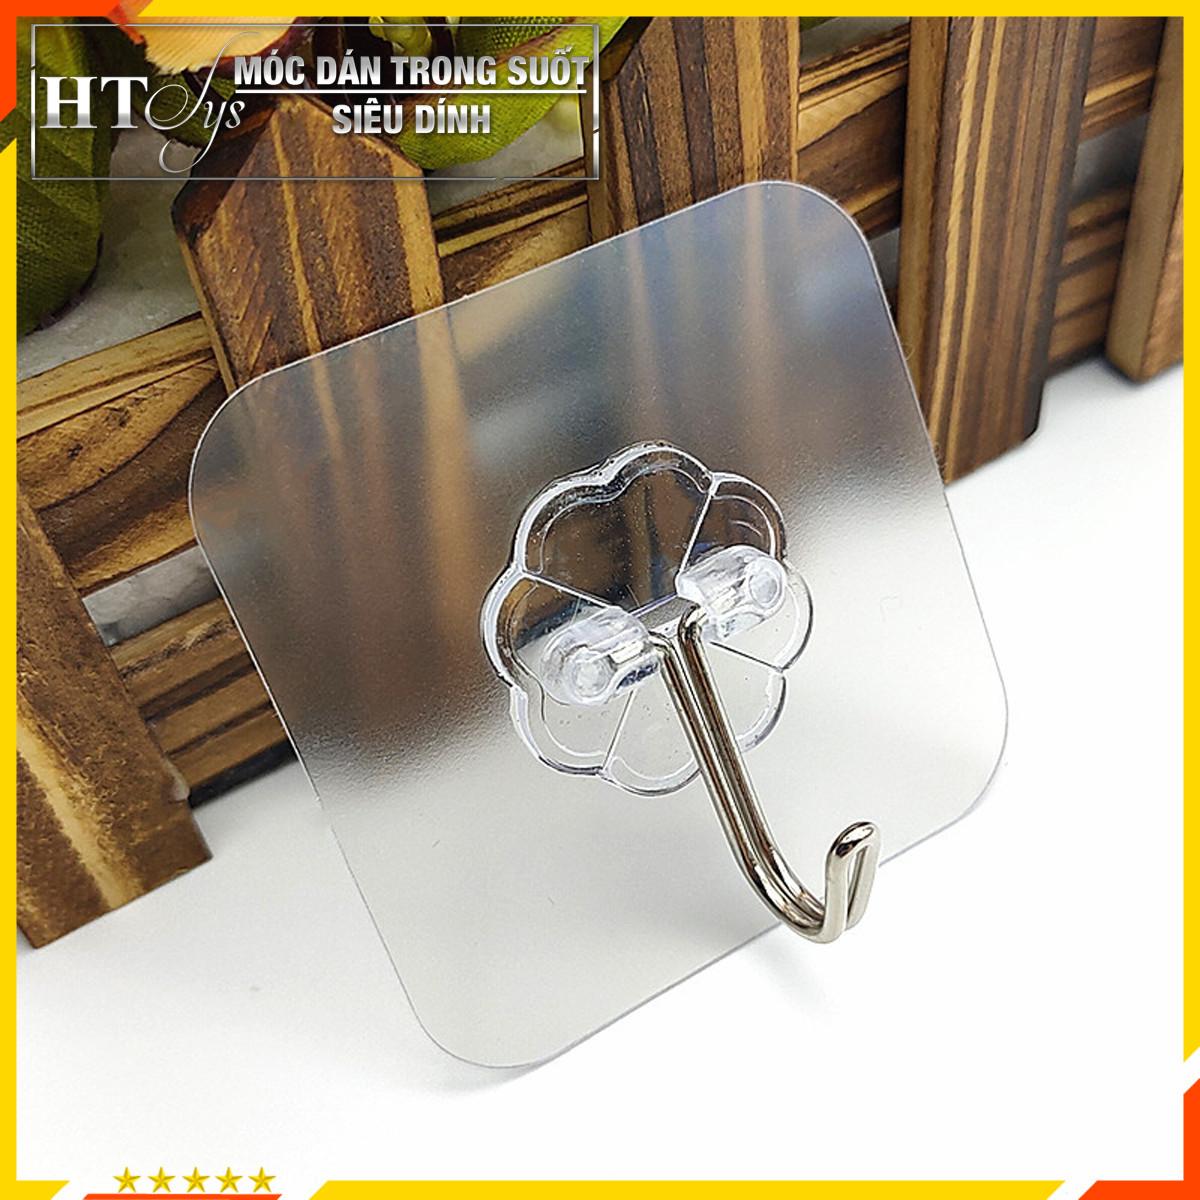 Bộ 10 móc dán tường HT SYS - Móc dán tường siêu dính, siêu chắc, siêu chịu lực - Màu trong suốt - 6cmx6cm